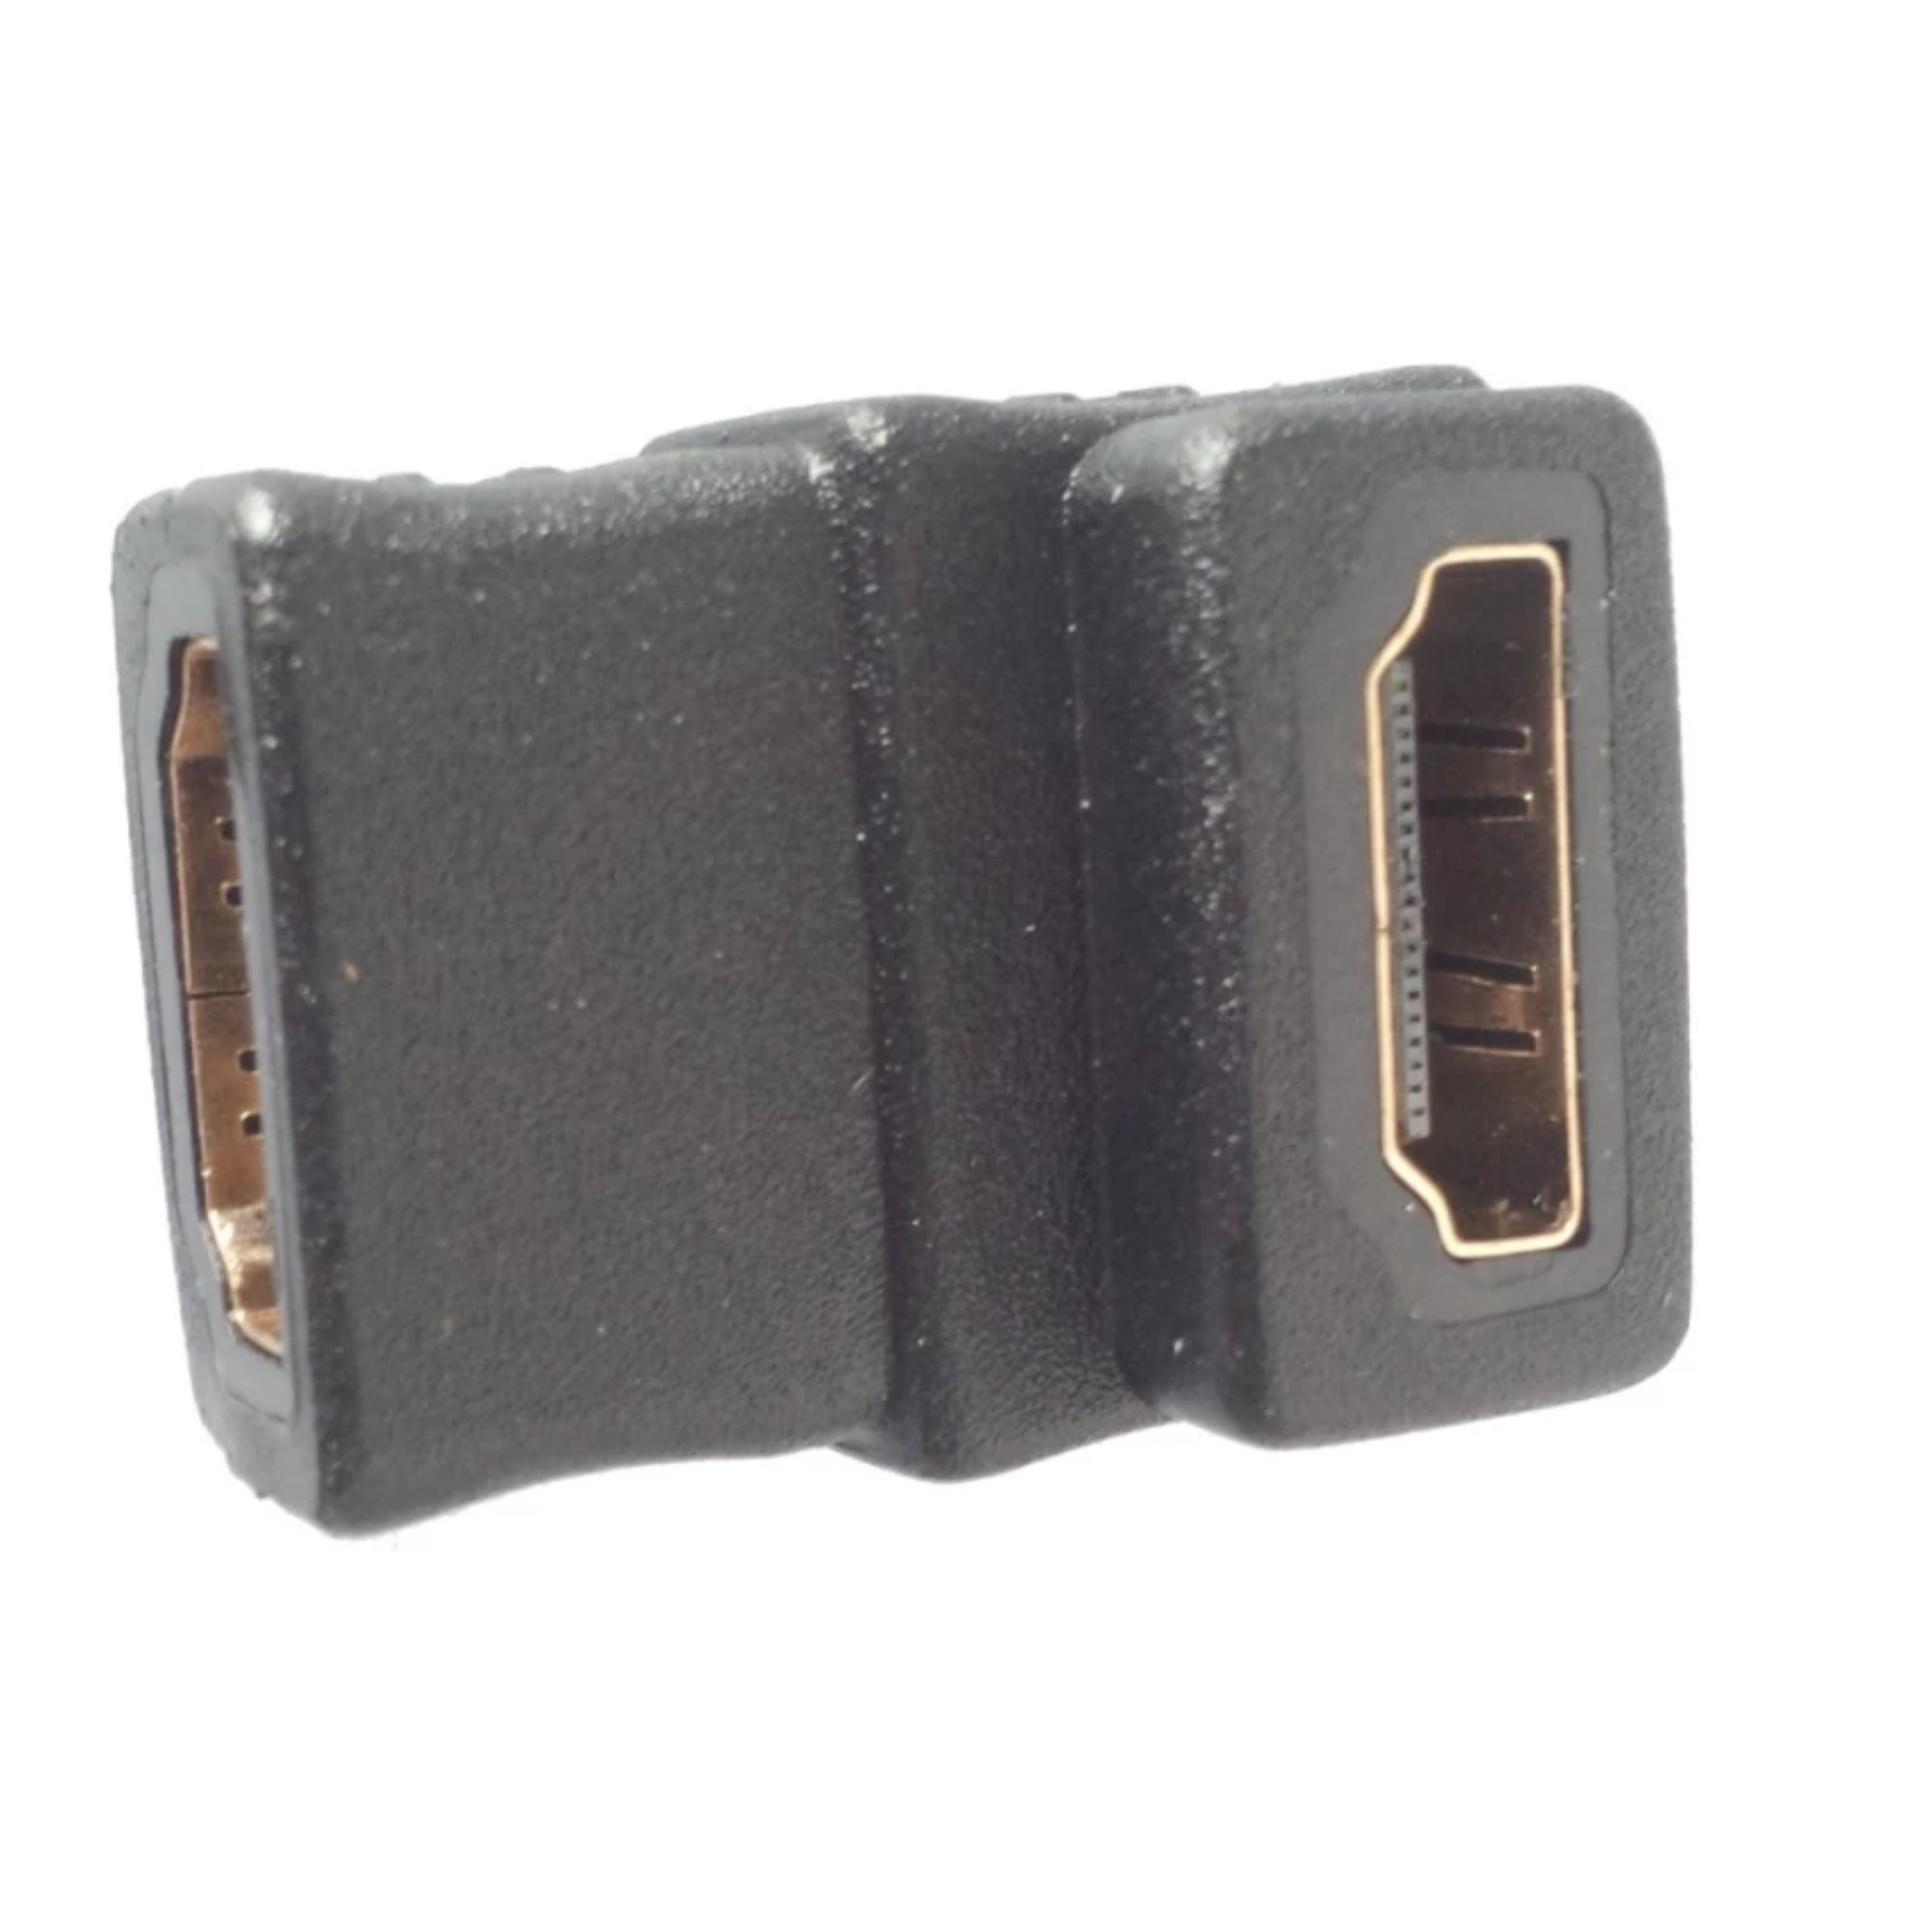 Nơi mua Bộ 2 Đầu nối HDMI đổi góc chữ L 2 đầu âm Connect Adapter (Đen)